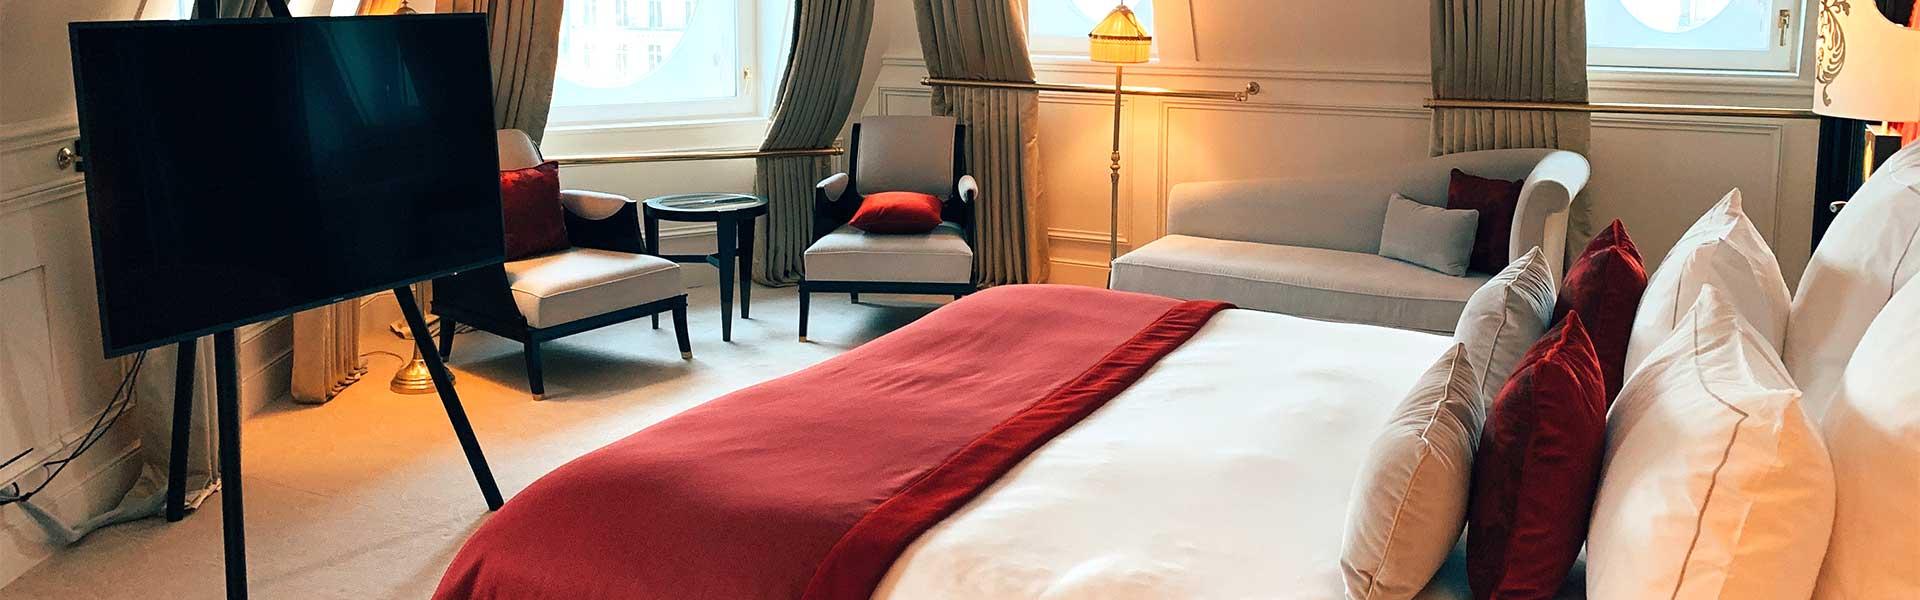 Hotel Paris unter 150 €